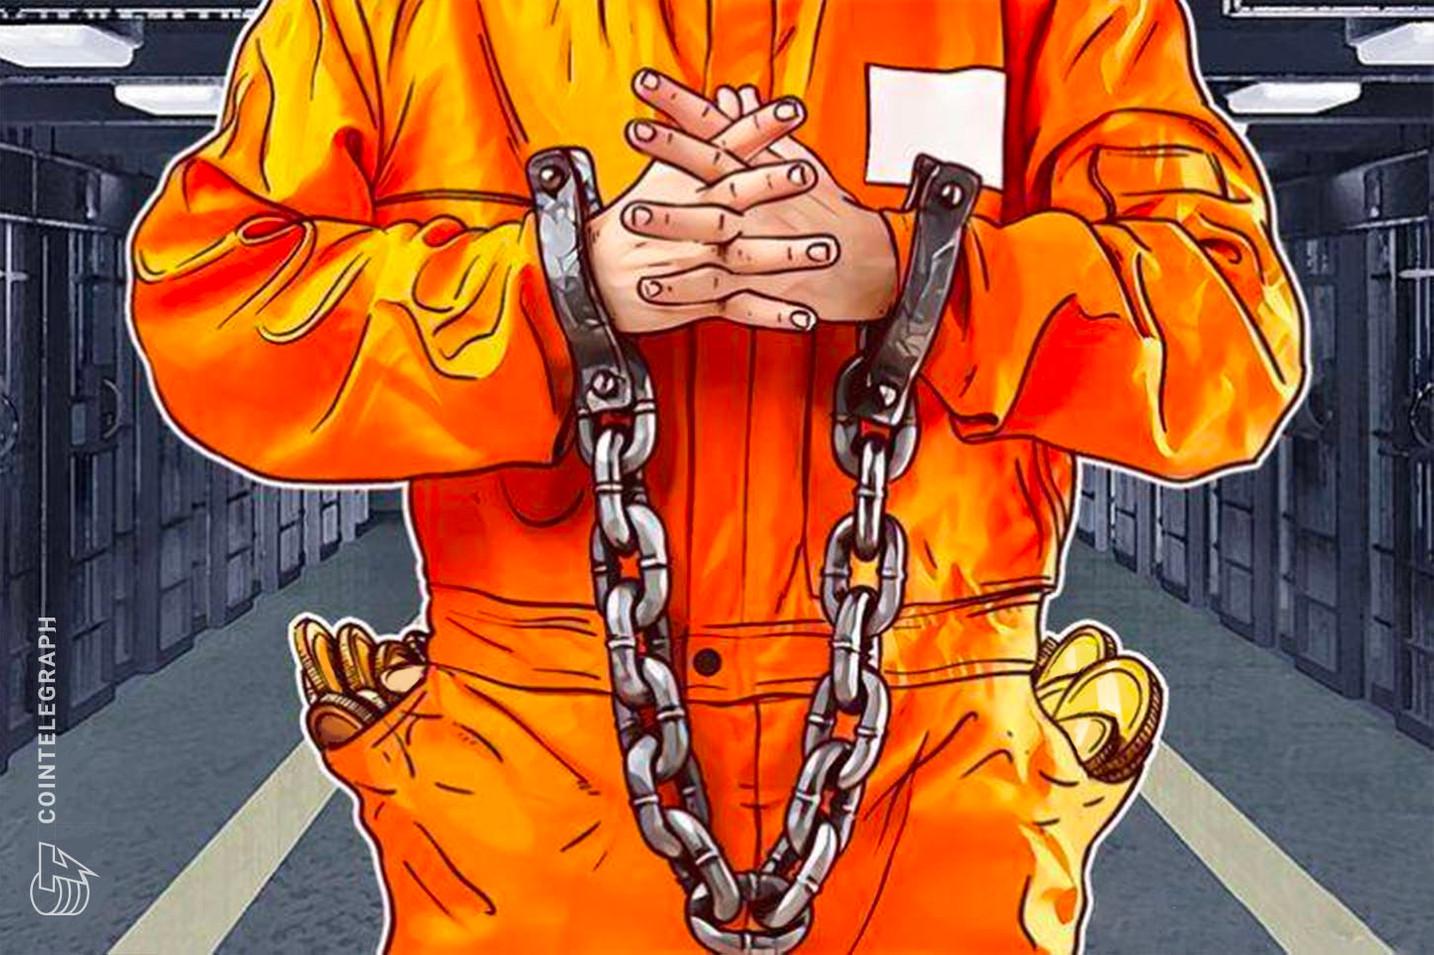 Fundador de empresa de criptomonedas condenado a siete años de prisión por una estafa de $25 millones